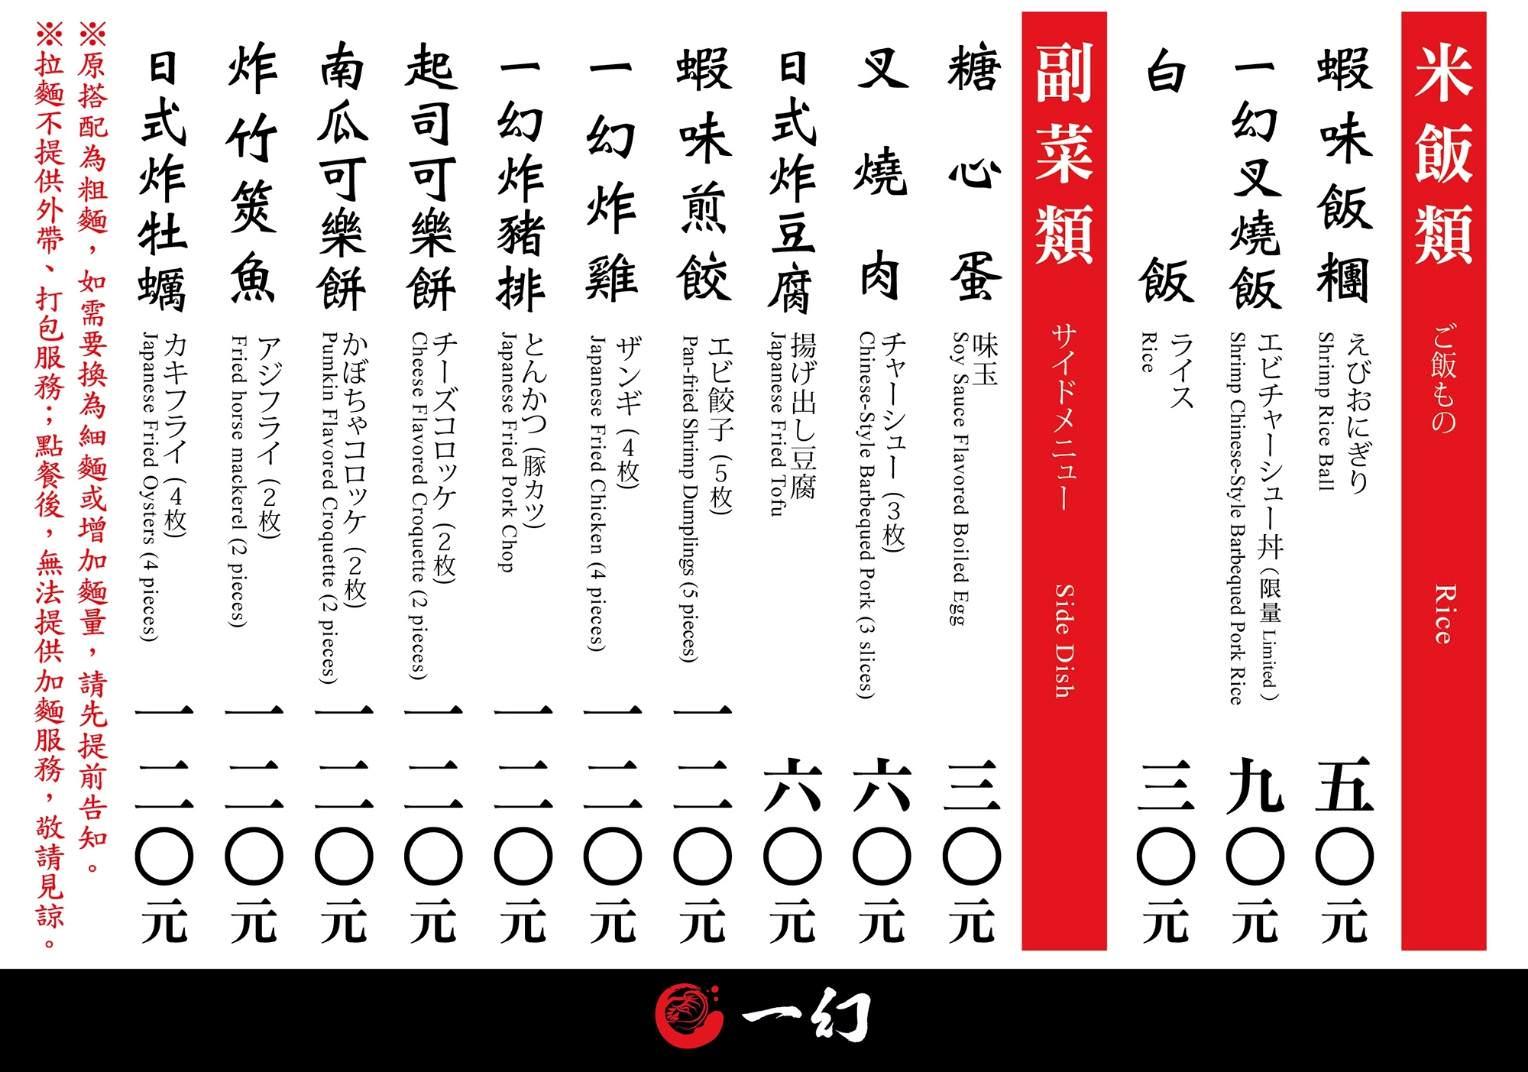 20181111203941 3 - 一幻拉麵,中友百貨也有濃濃蝦味的日式拉麵~